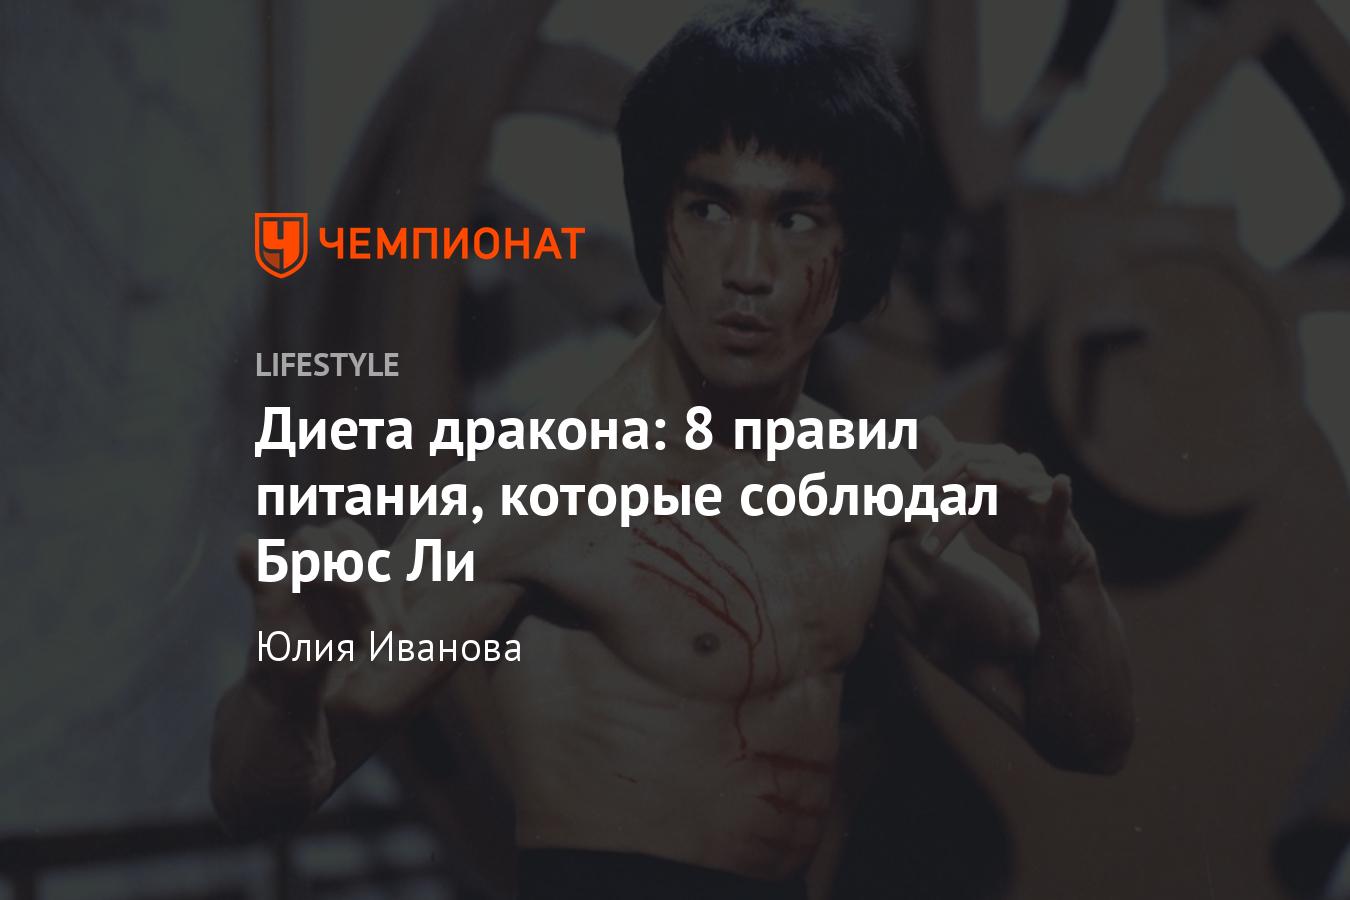 Диета брюса ли, тренировки и питание - medside.ru